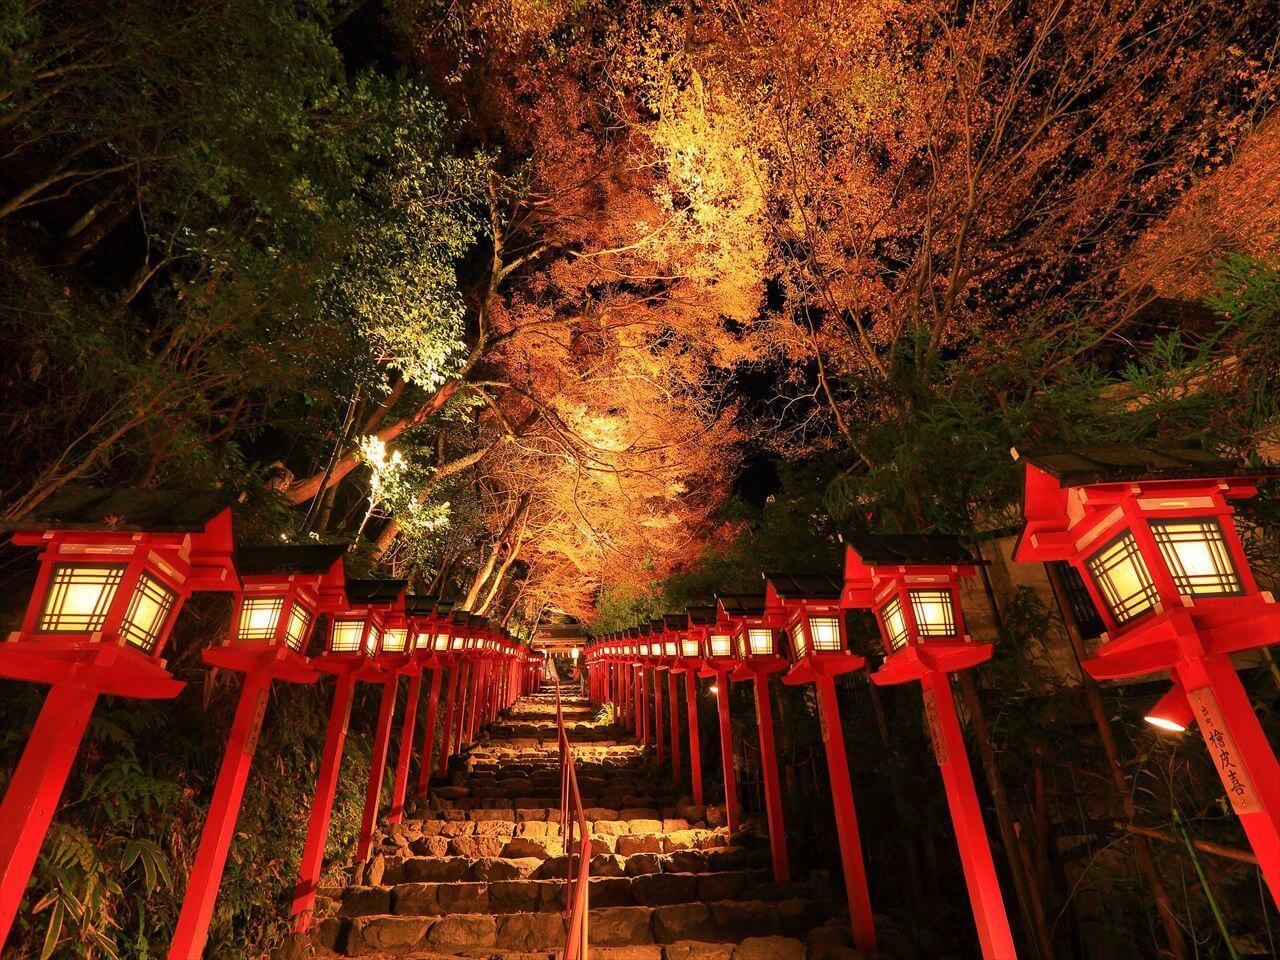 京都 貴船神社紅葉點燈!「京之奥座敷・貴船紅葉燈籠」活動開跑 在京都、紅葉_、